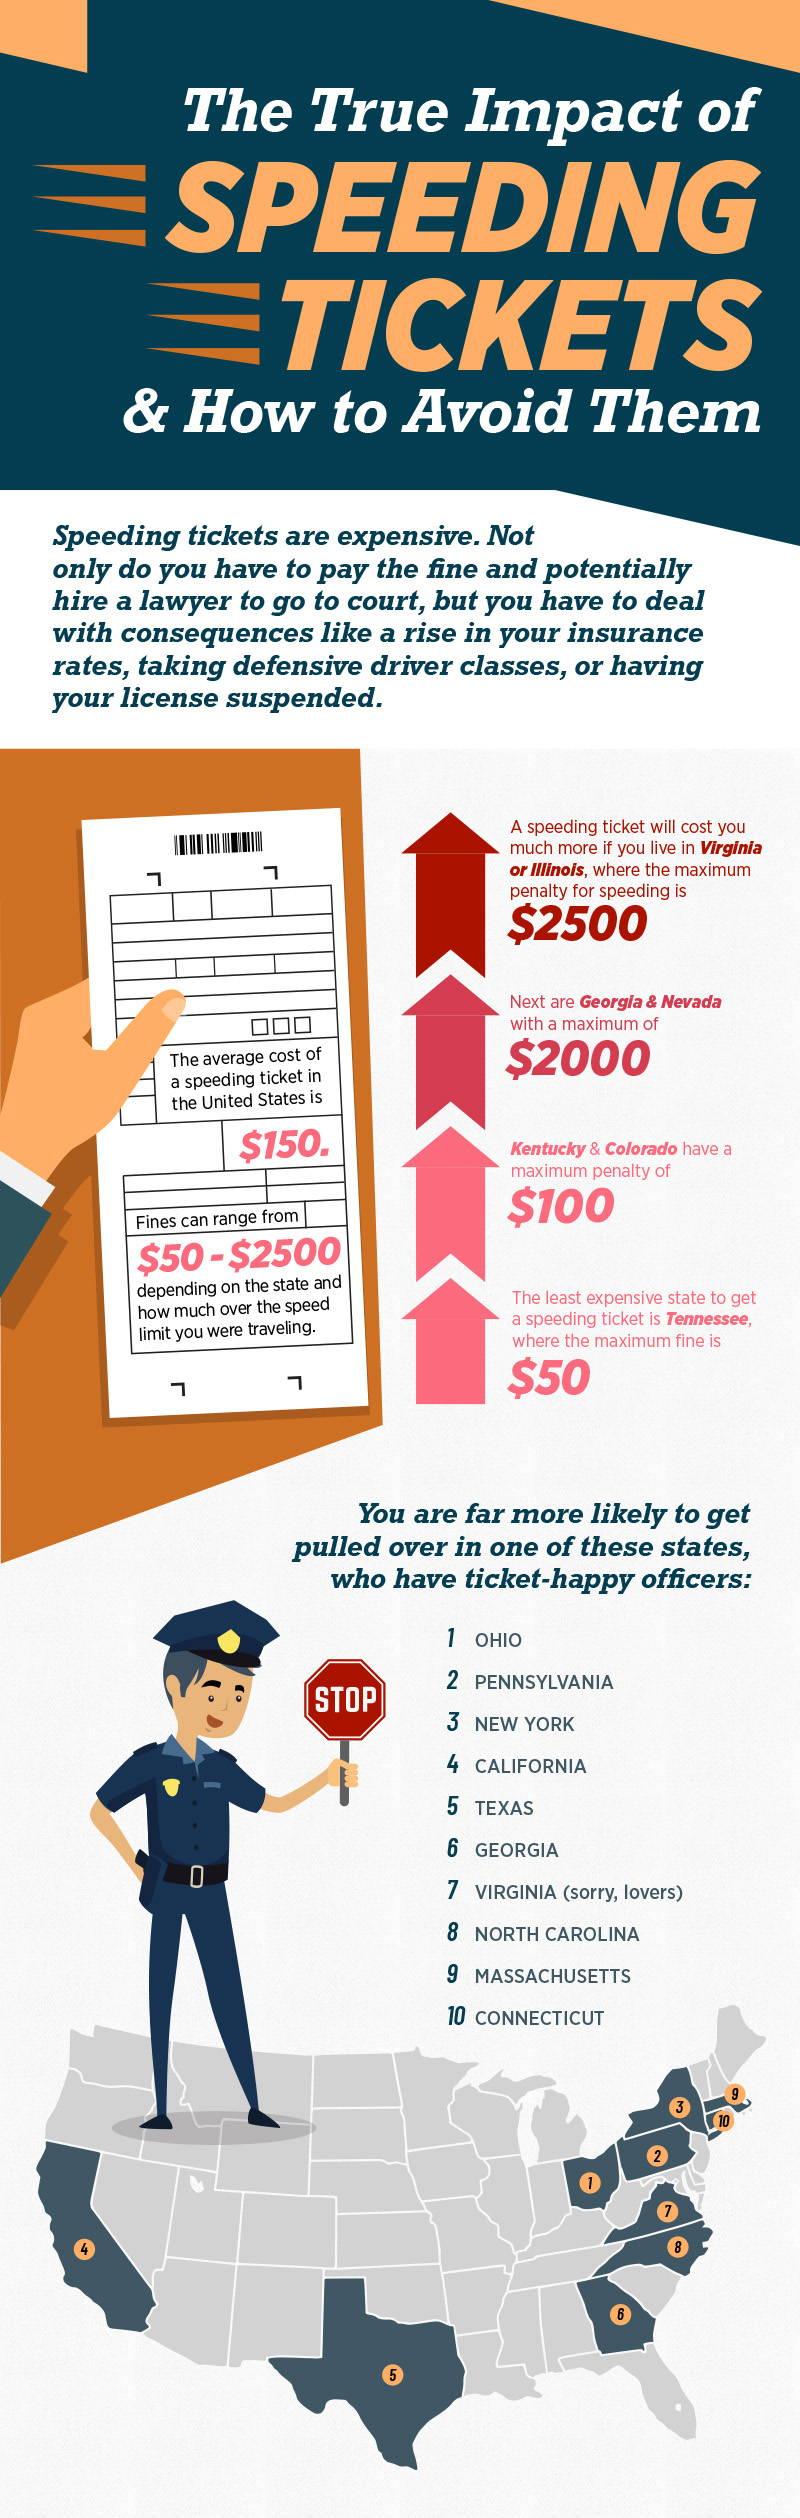 Escortradar com News - The true impact of speeding tickets & How to